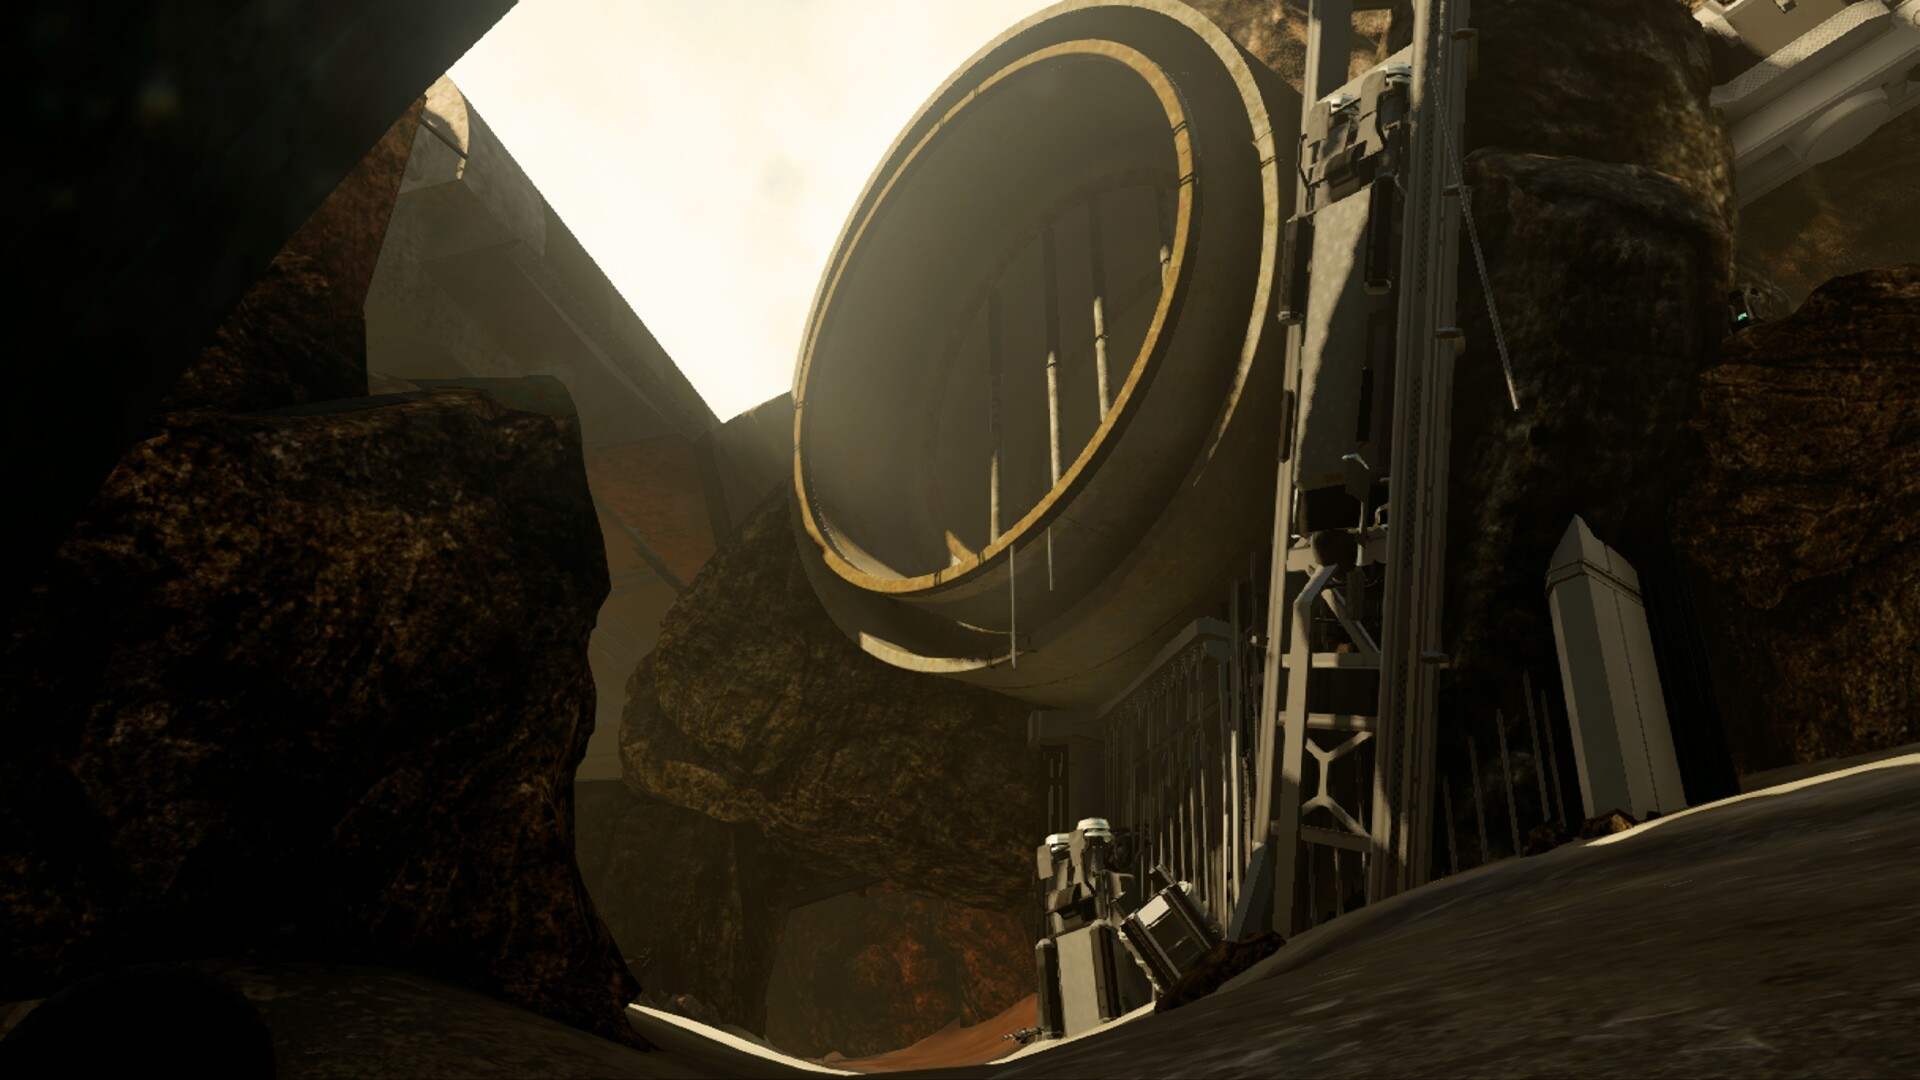 Halo 5 Forge kartor i Matchmaking skapa ett användar namn för dejtingsajt